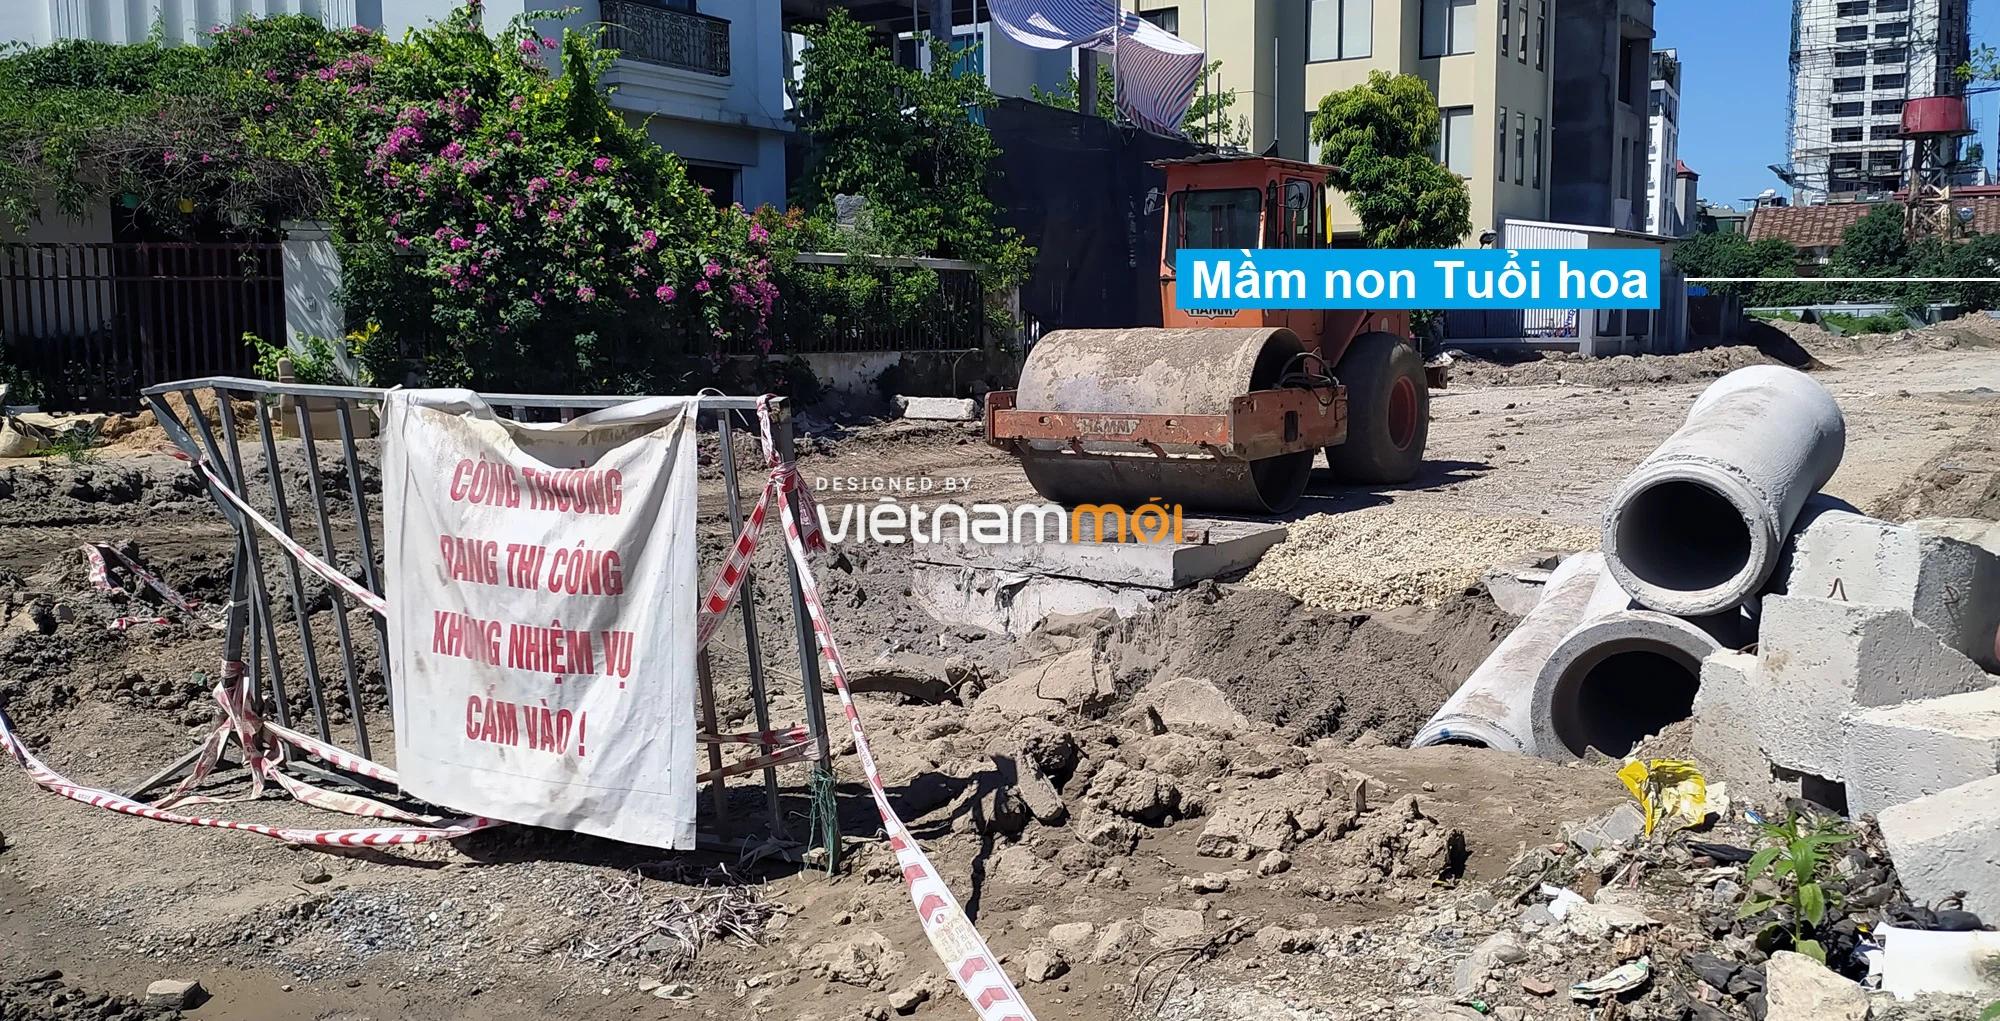 Toàn cảnh tuyến đường vào cụm ba trường Thanh Xuân Nam đang mở theo quy hoạch ở Hà Nội - Ảnh 11.